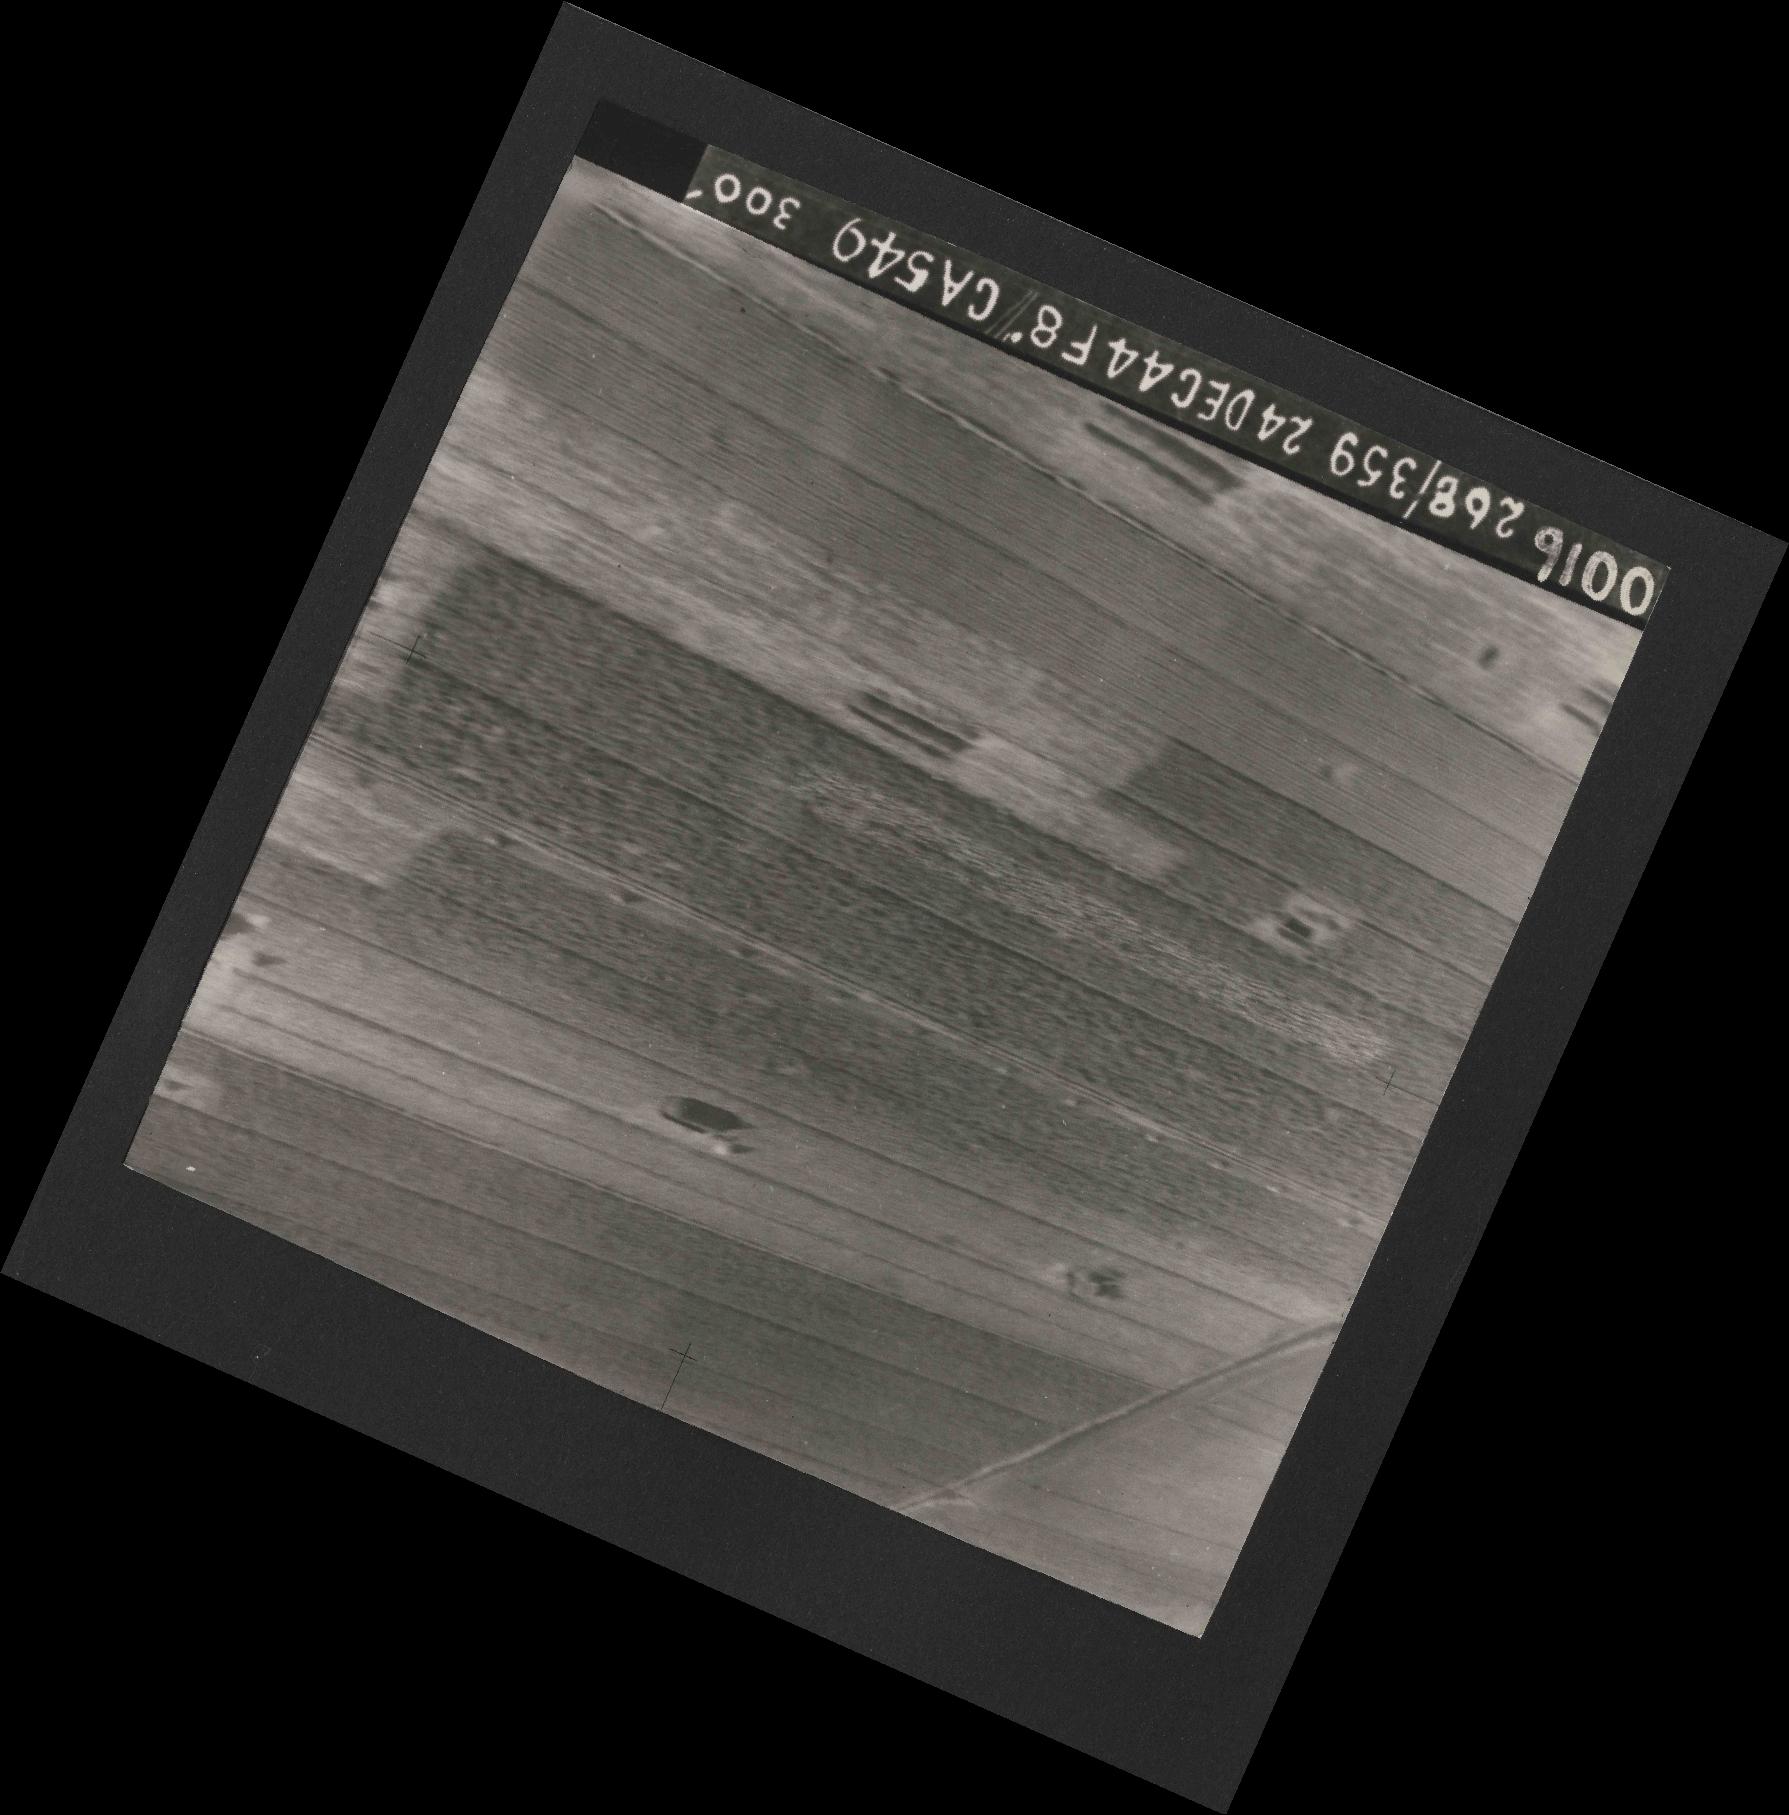 Collection RAF aerial photos 1940-1945 - flight 535, run 01, photo 0016